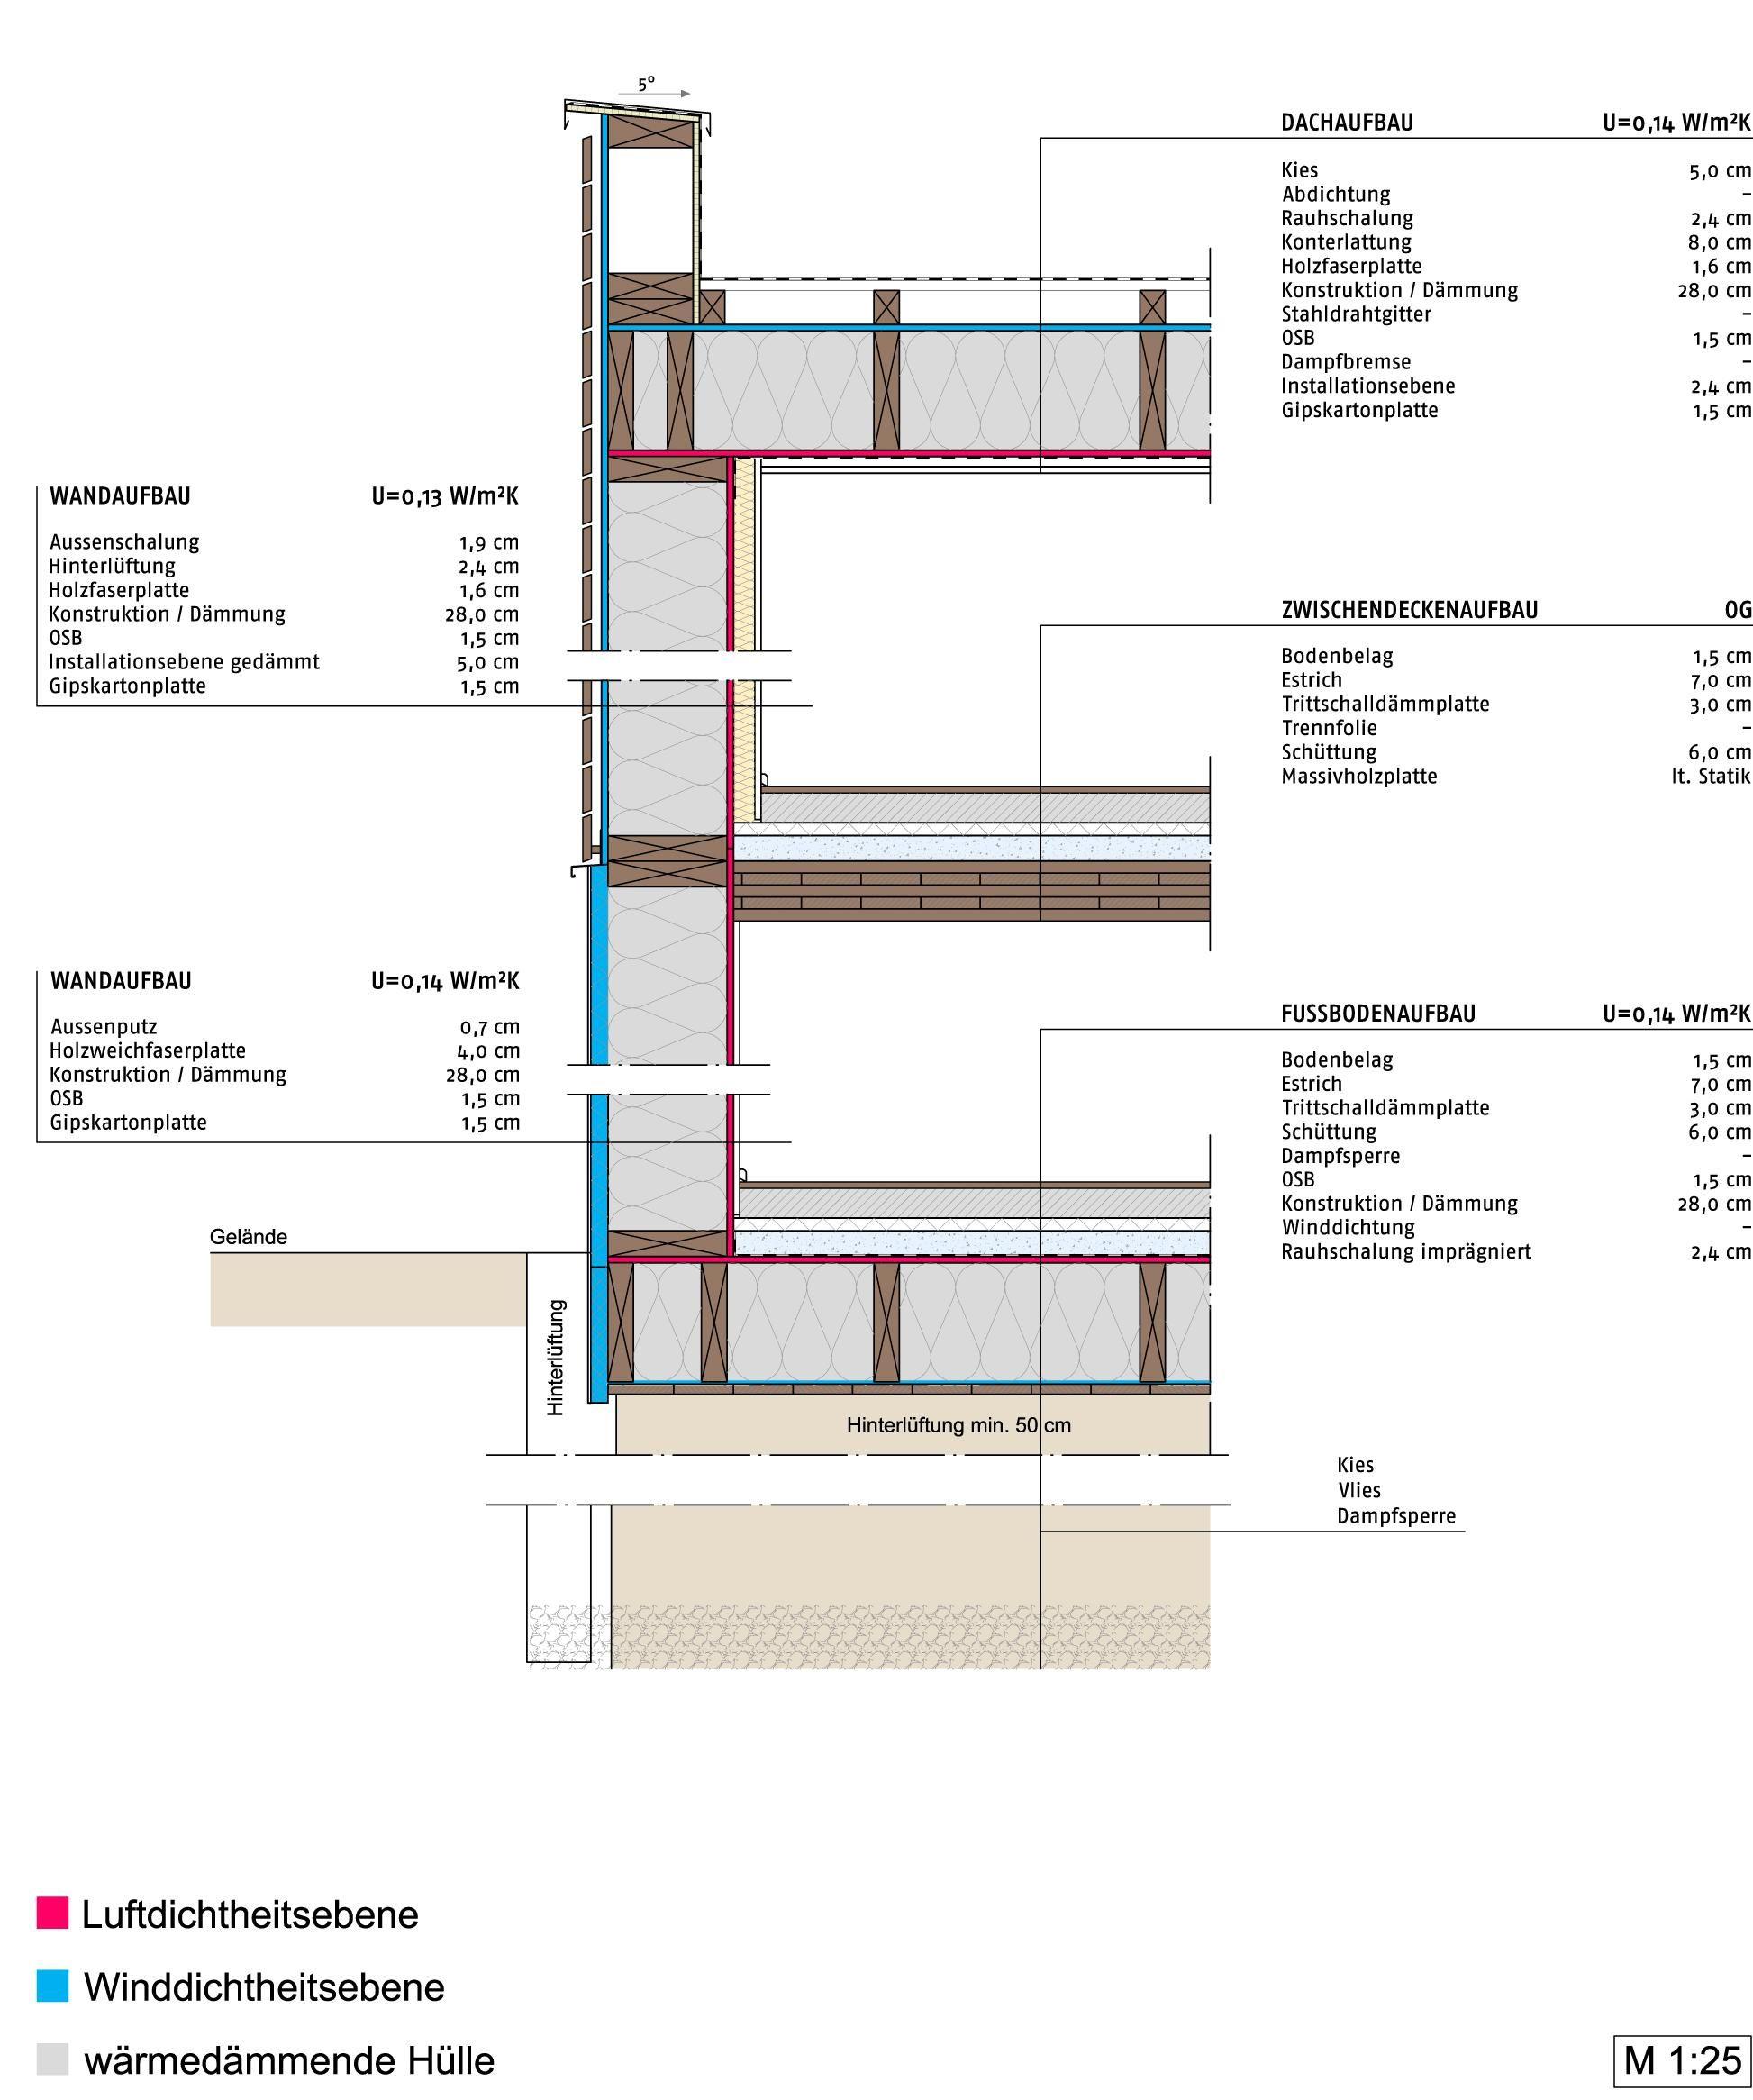 Gebäudeschnitt Grossbauten